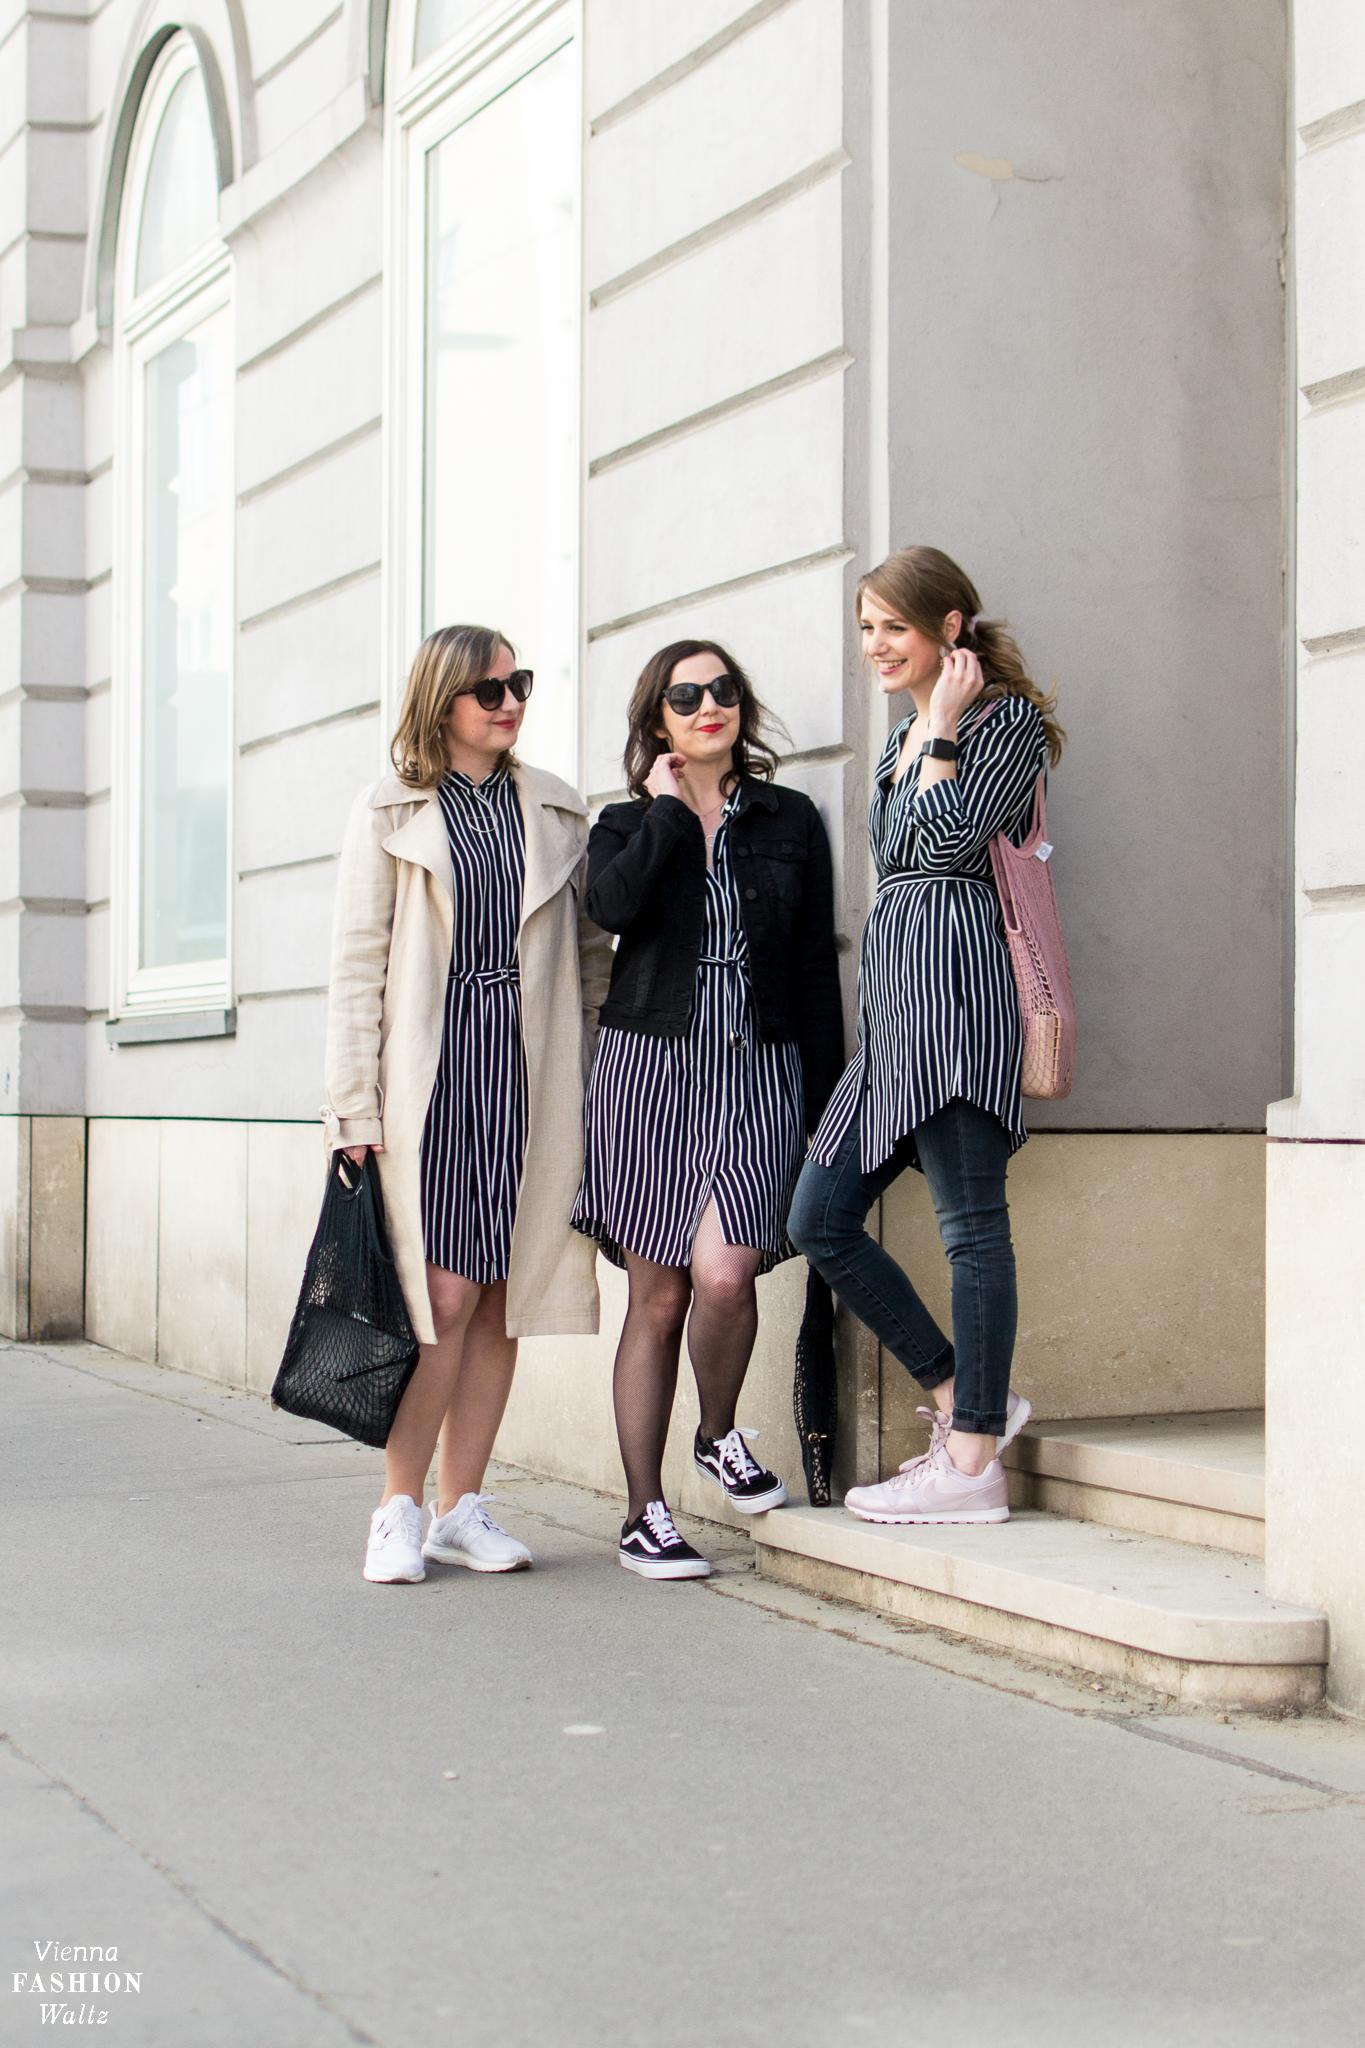 Streifen | Netz Taschen im Trend | Streetstyle | Outfits | Fashion Trends